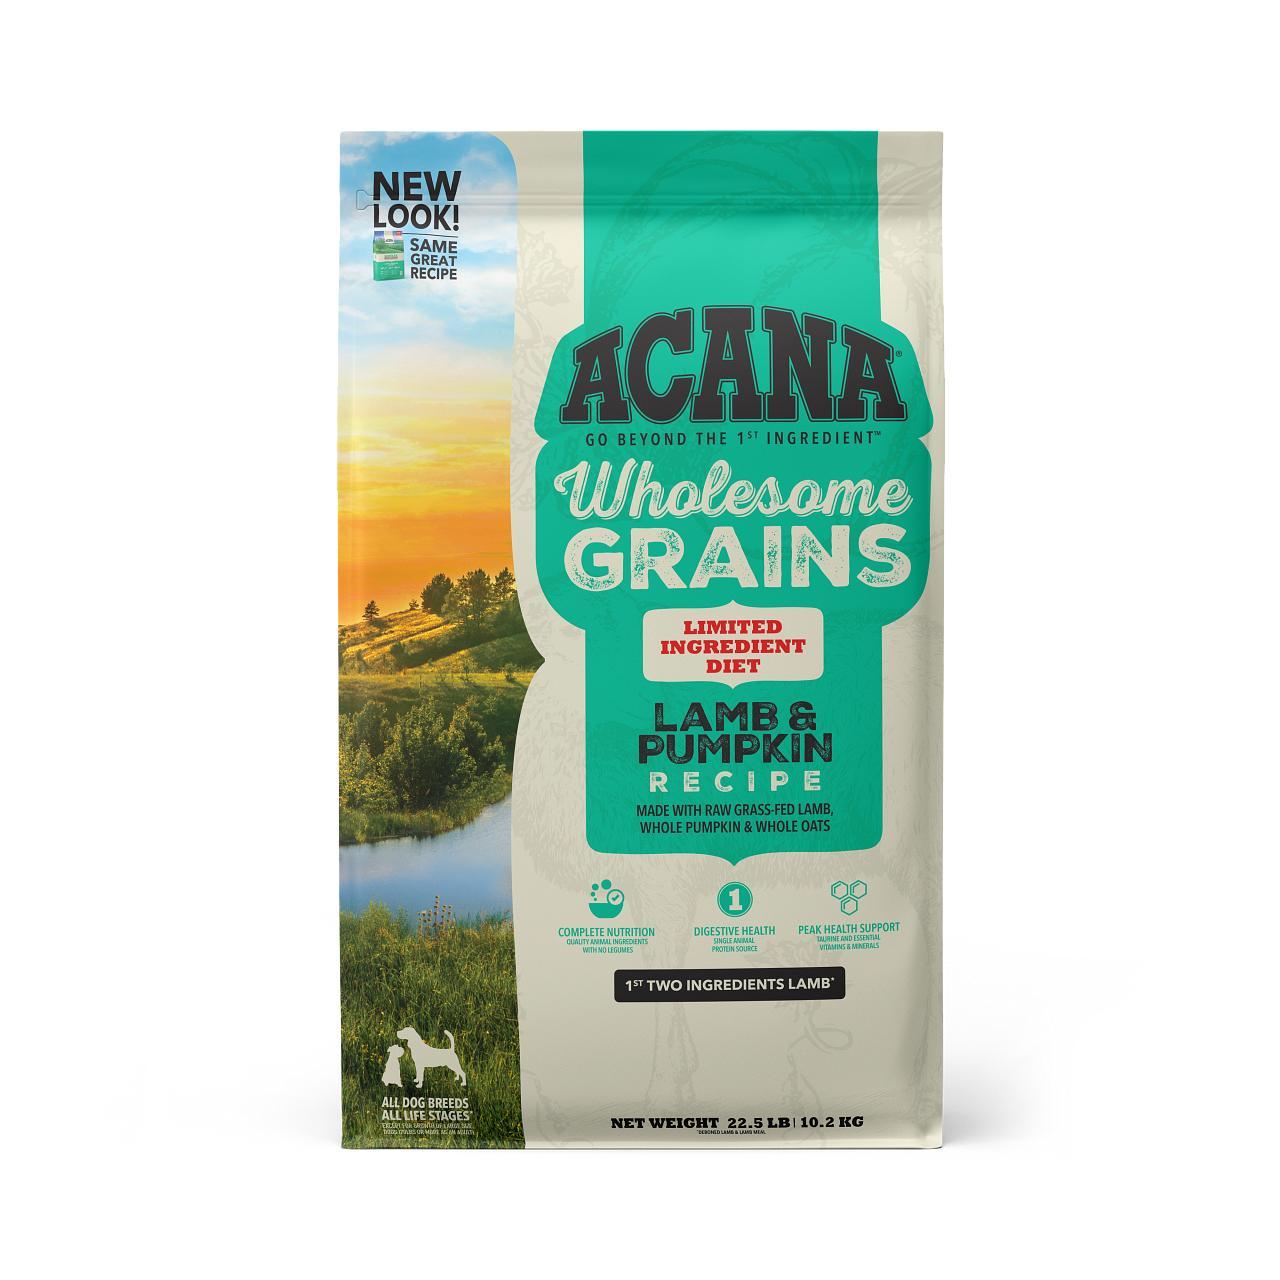 ACANA Wholesome Grains Lamb & Pumpkin Dry Dog Food, 22.5-lb